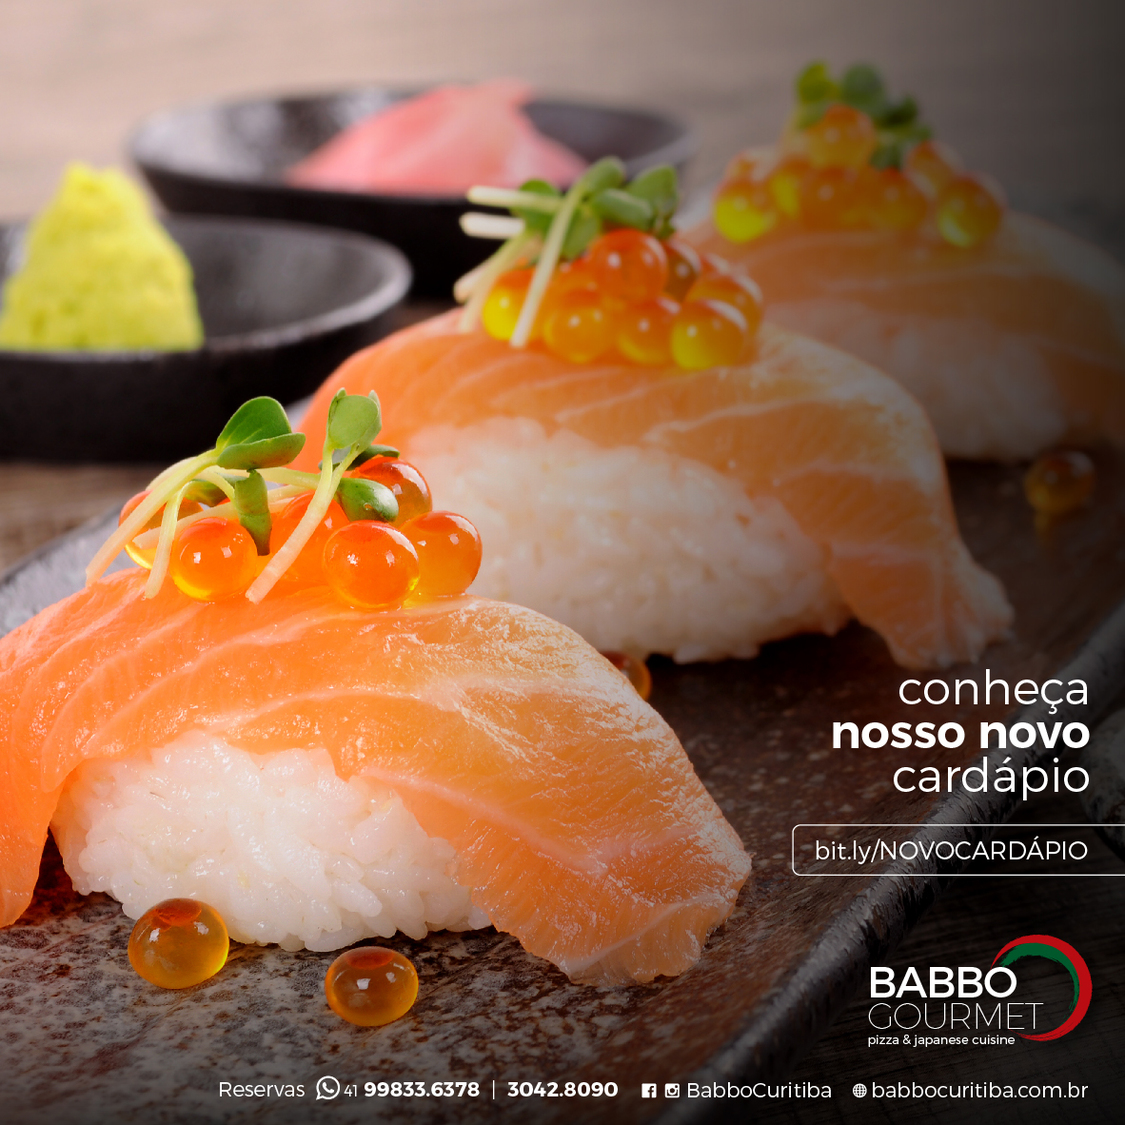 Babbo Gourmet Pizza & Japanese Cuisine